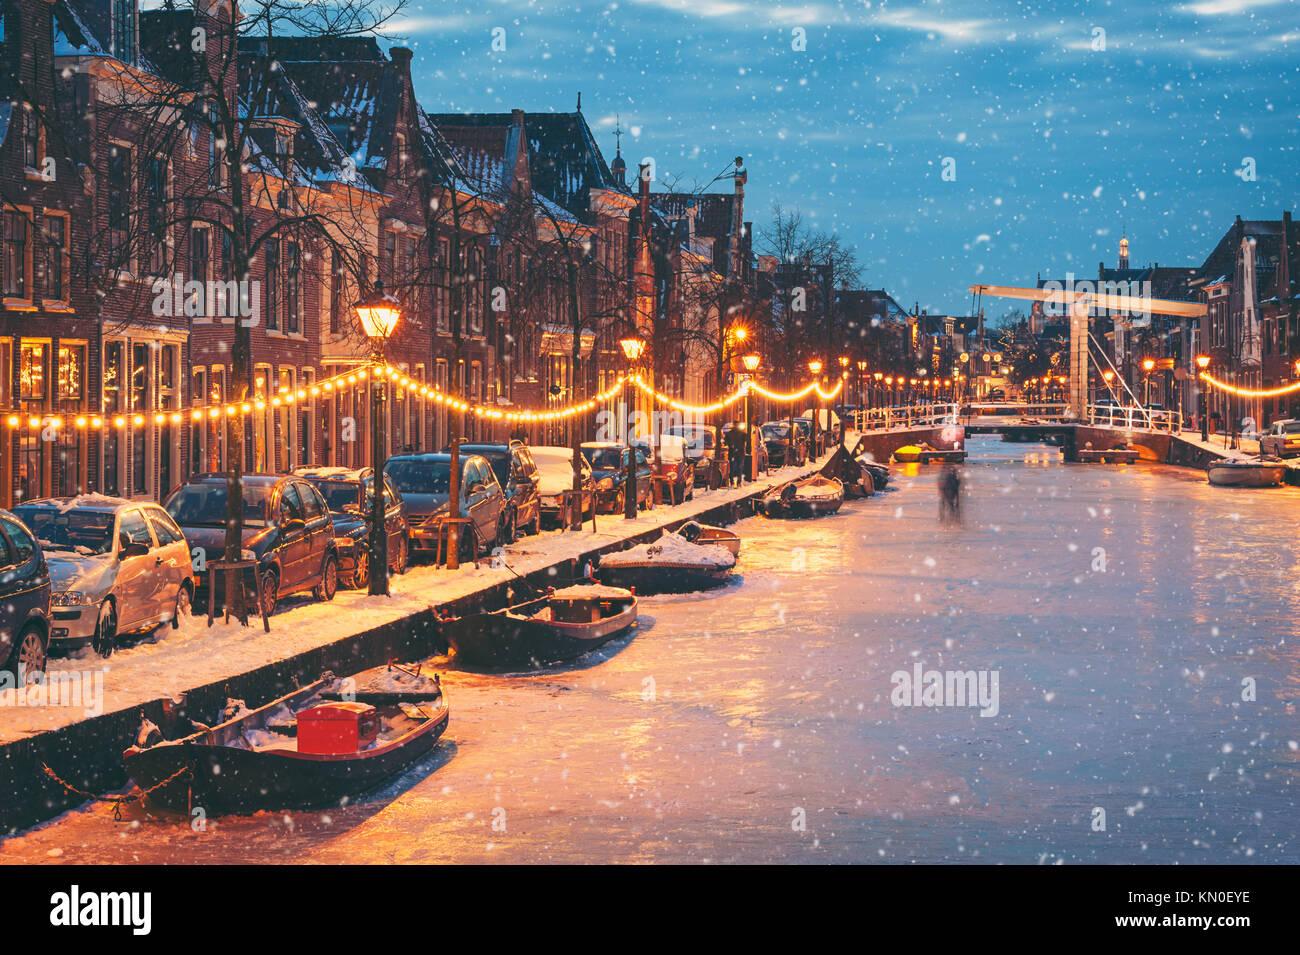 Scène d'hiver à Alkmaar Pays-bas avec glace naturelle et chute de neige Photo Stock